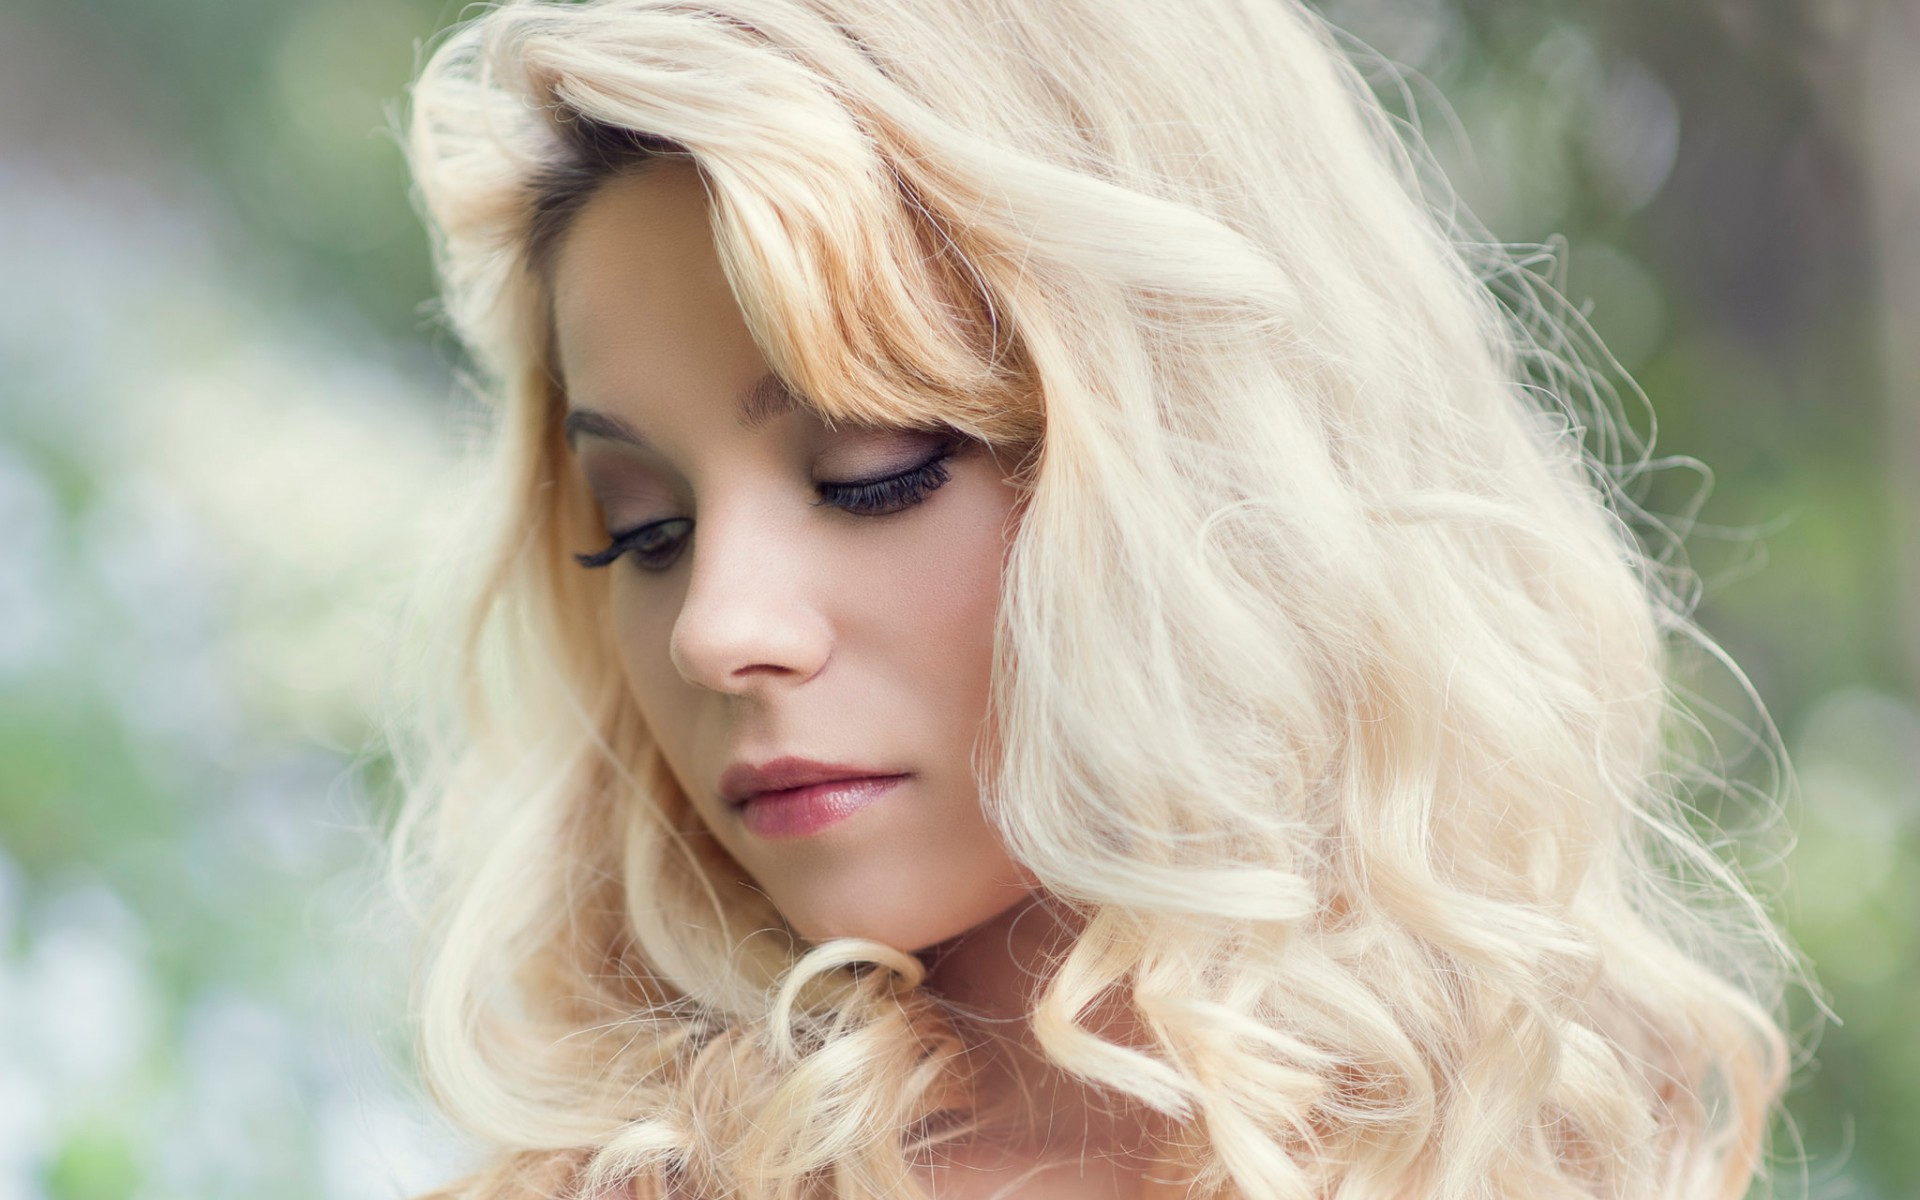 Фото кудрявая блондинка, Голая кудрявая блондинка В чулках 12 фотография